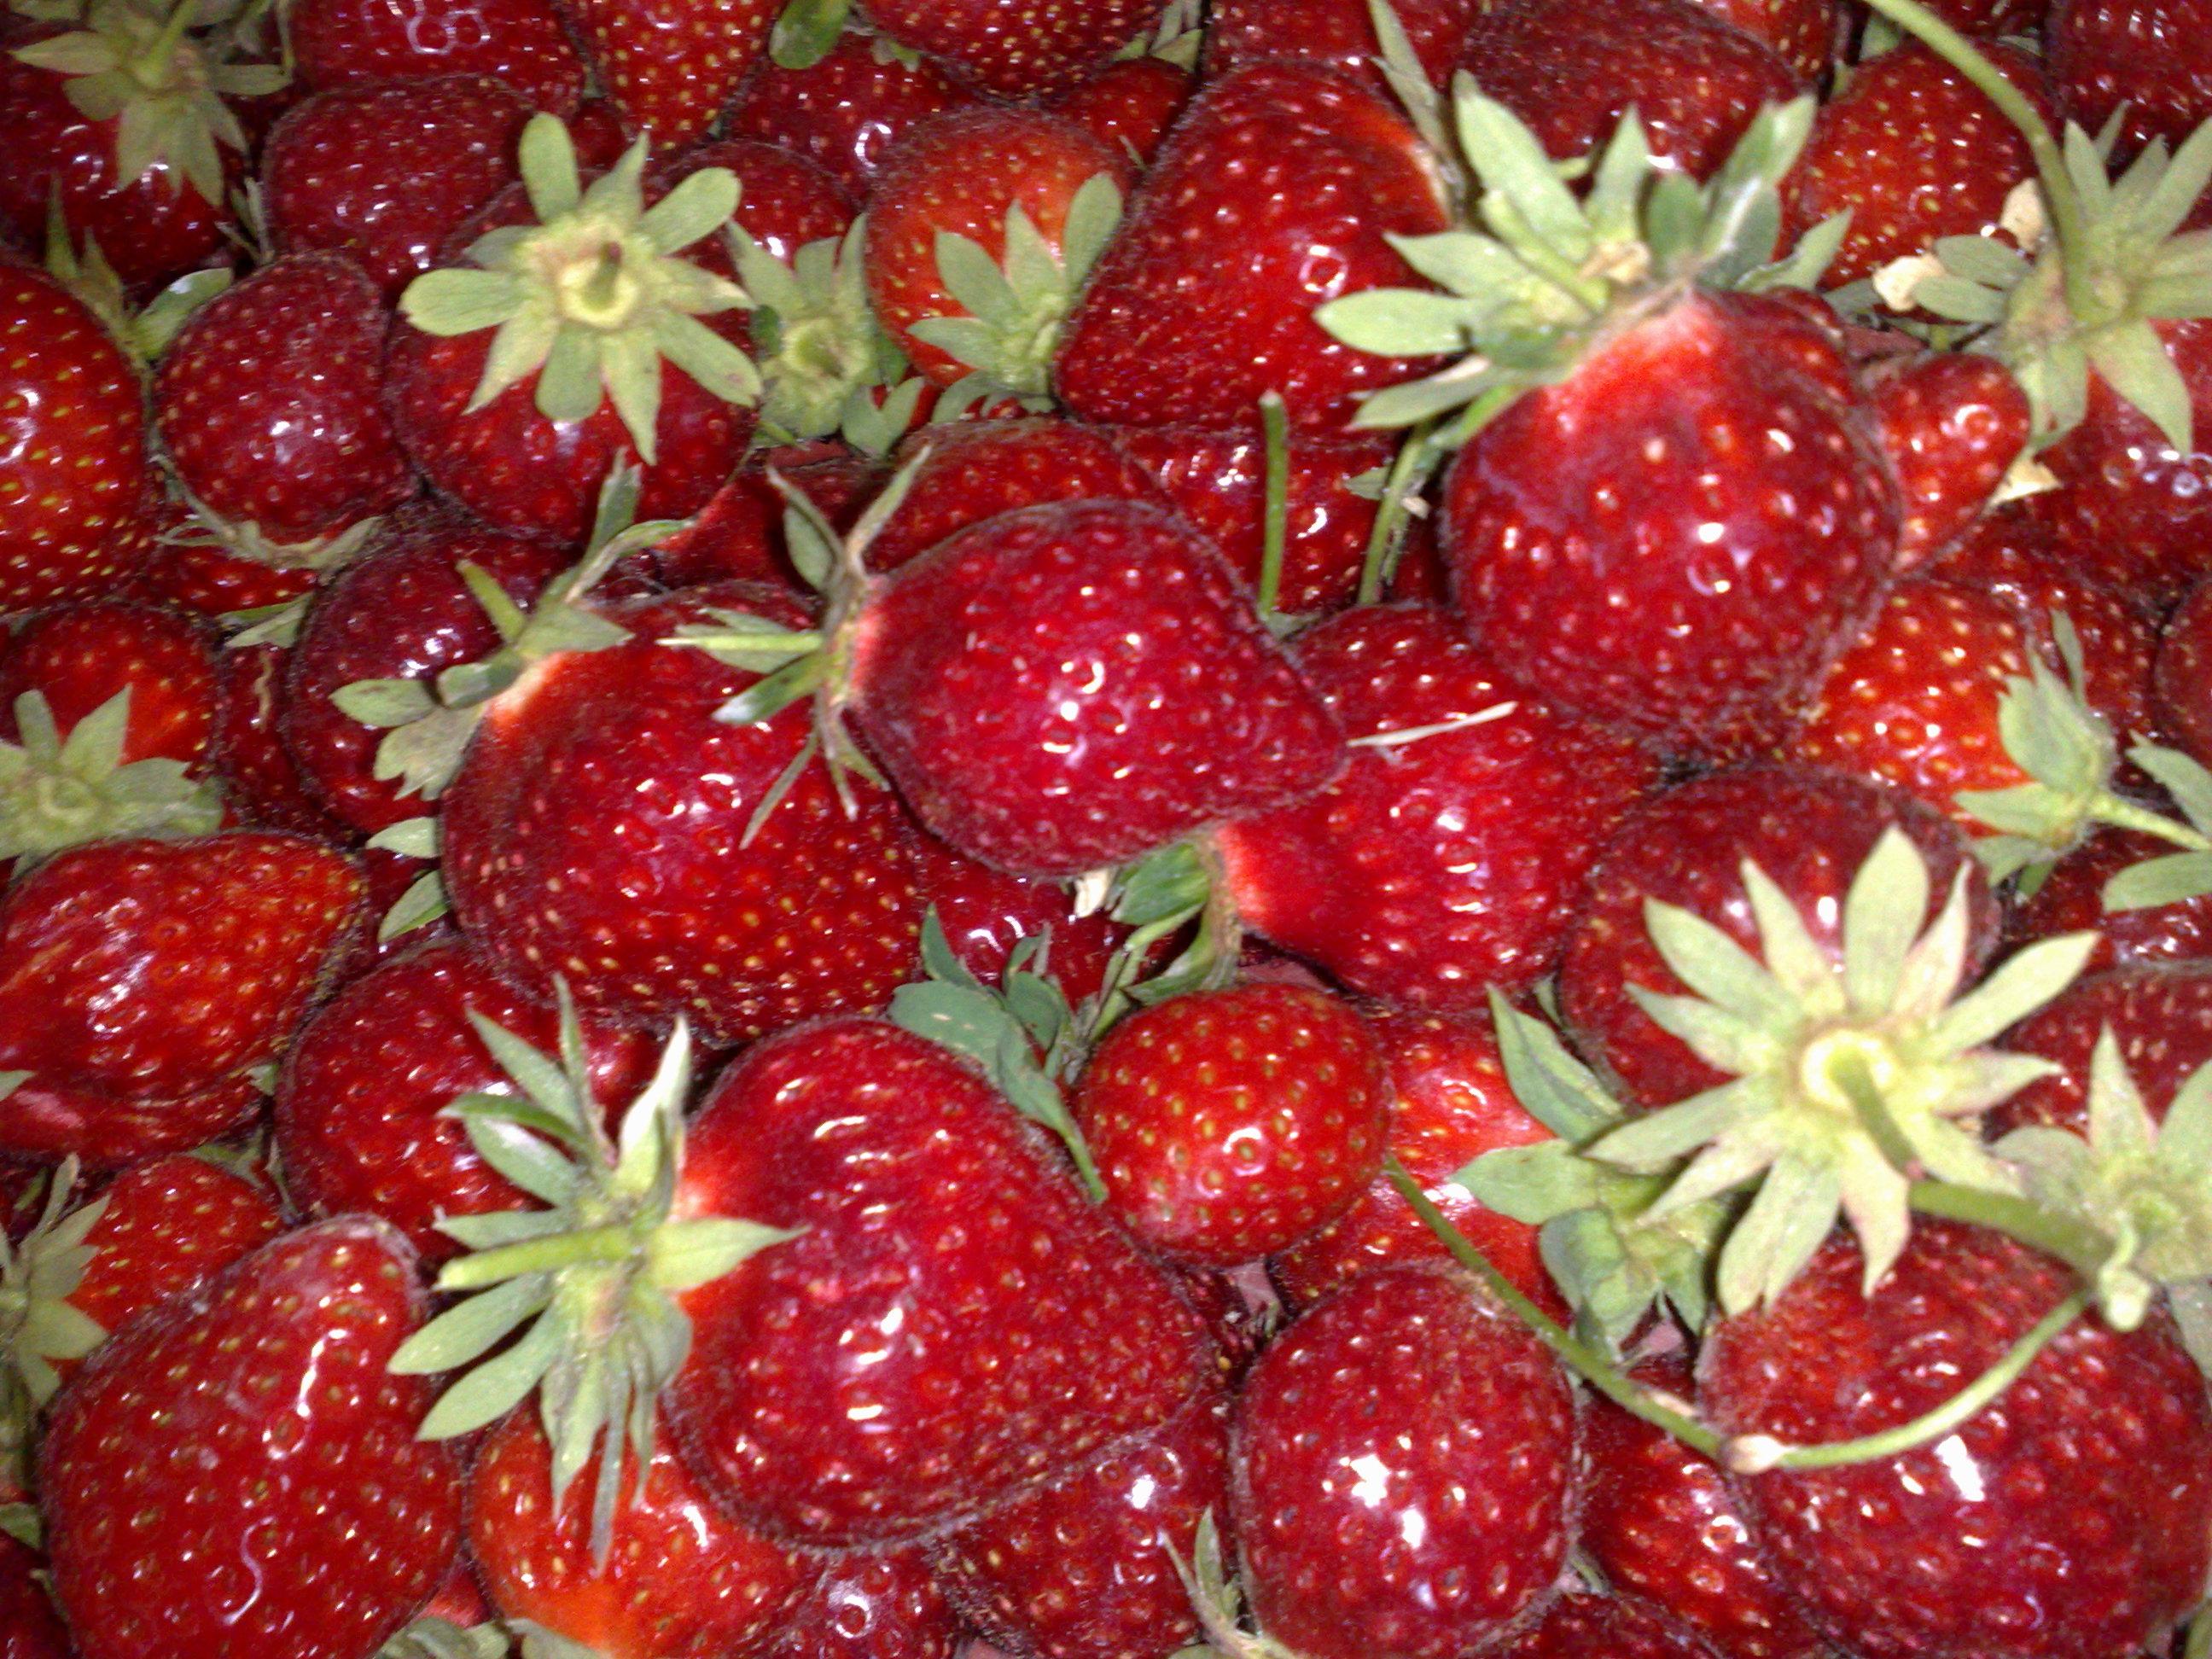 Evénements gustatifs autour des produits fermiers